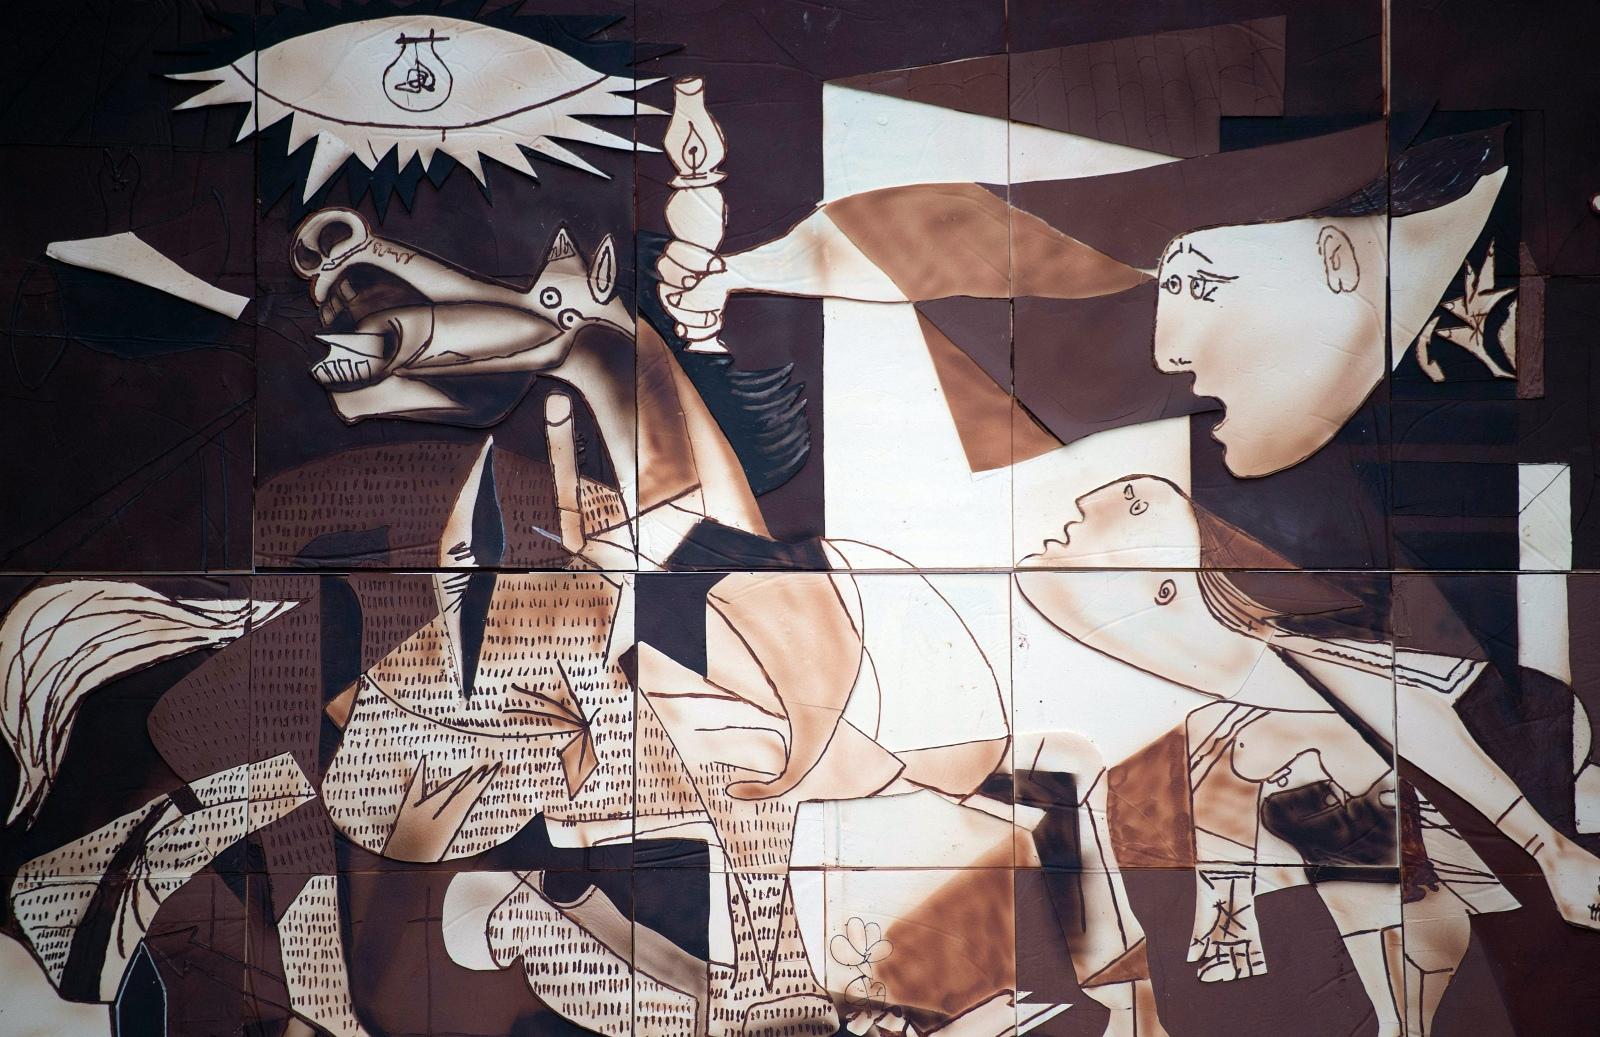 【海外】ピカソの絵画「ゲルニカ」を500kgのチョコレートで再現